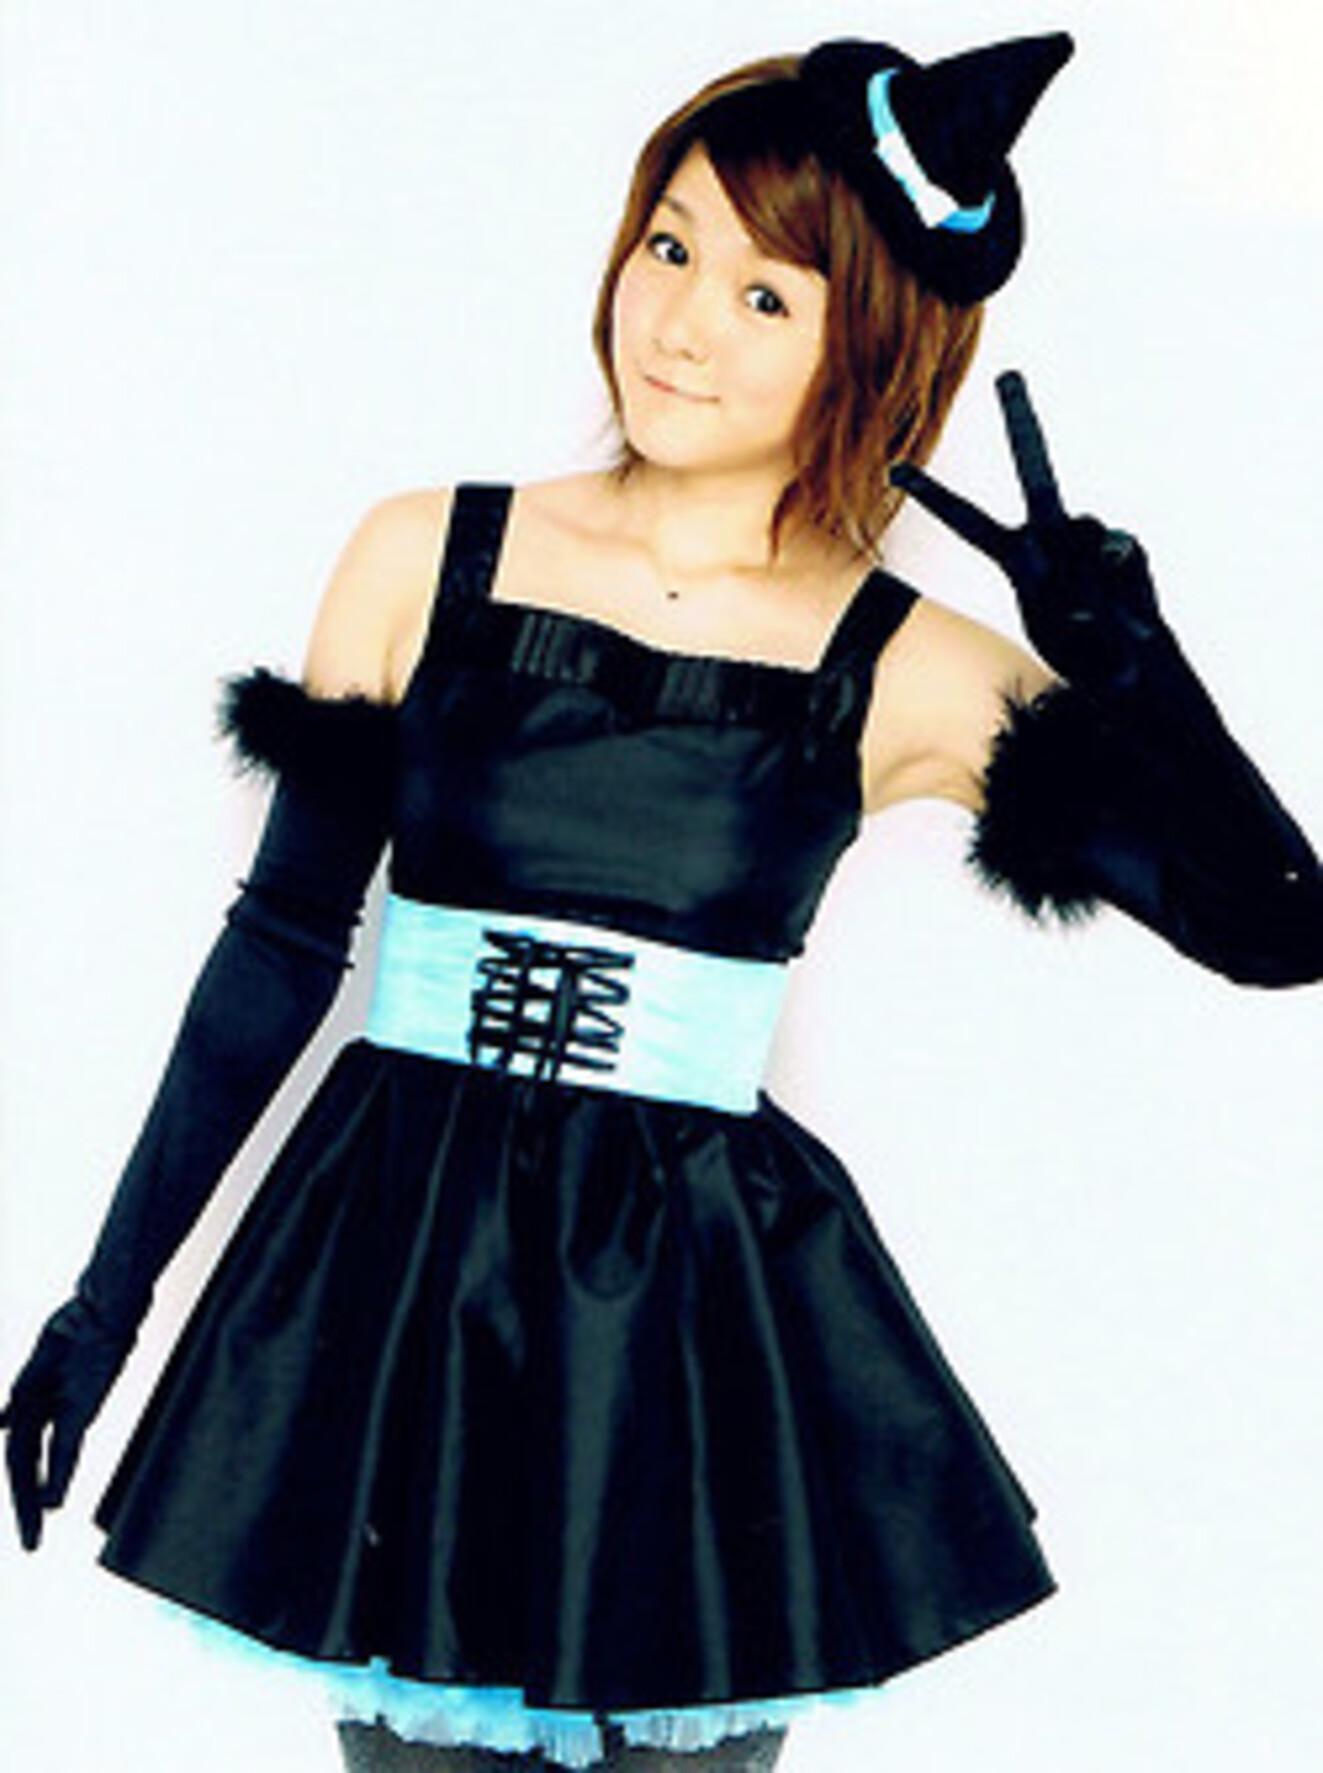 Aika Mitsui France vous souhaite un terrible Halloween !!